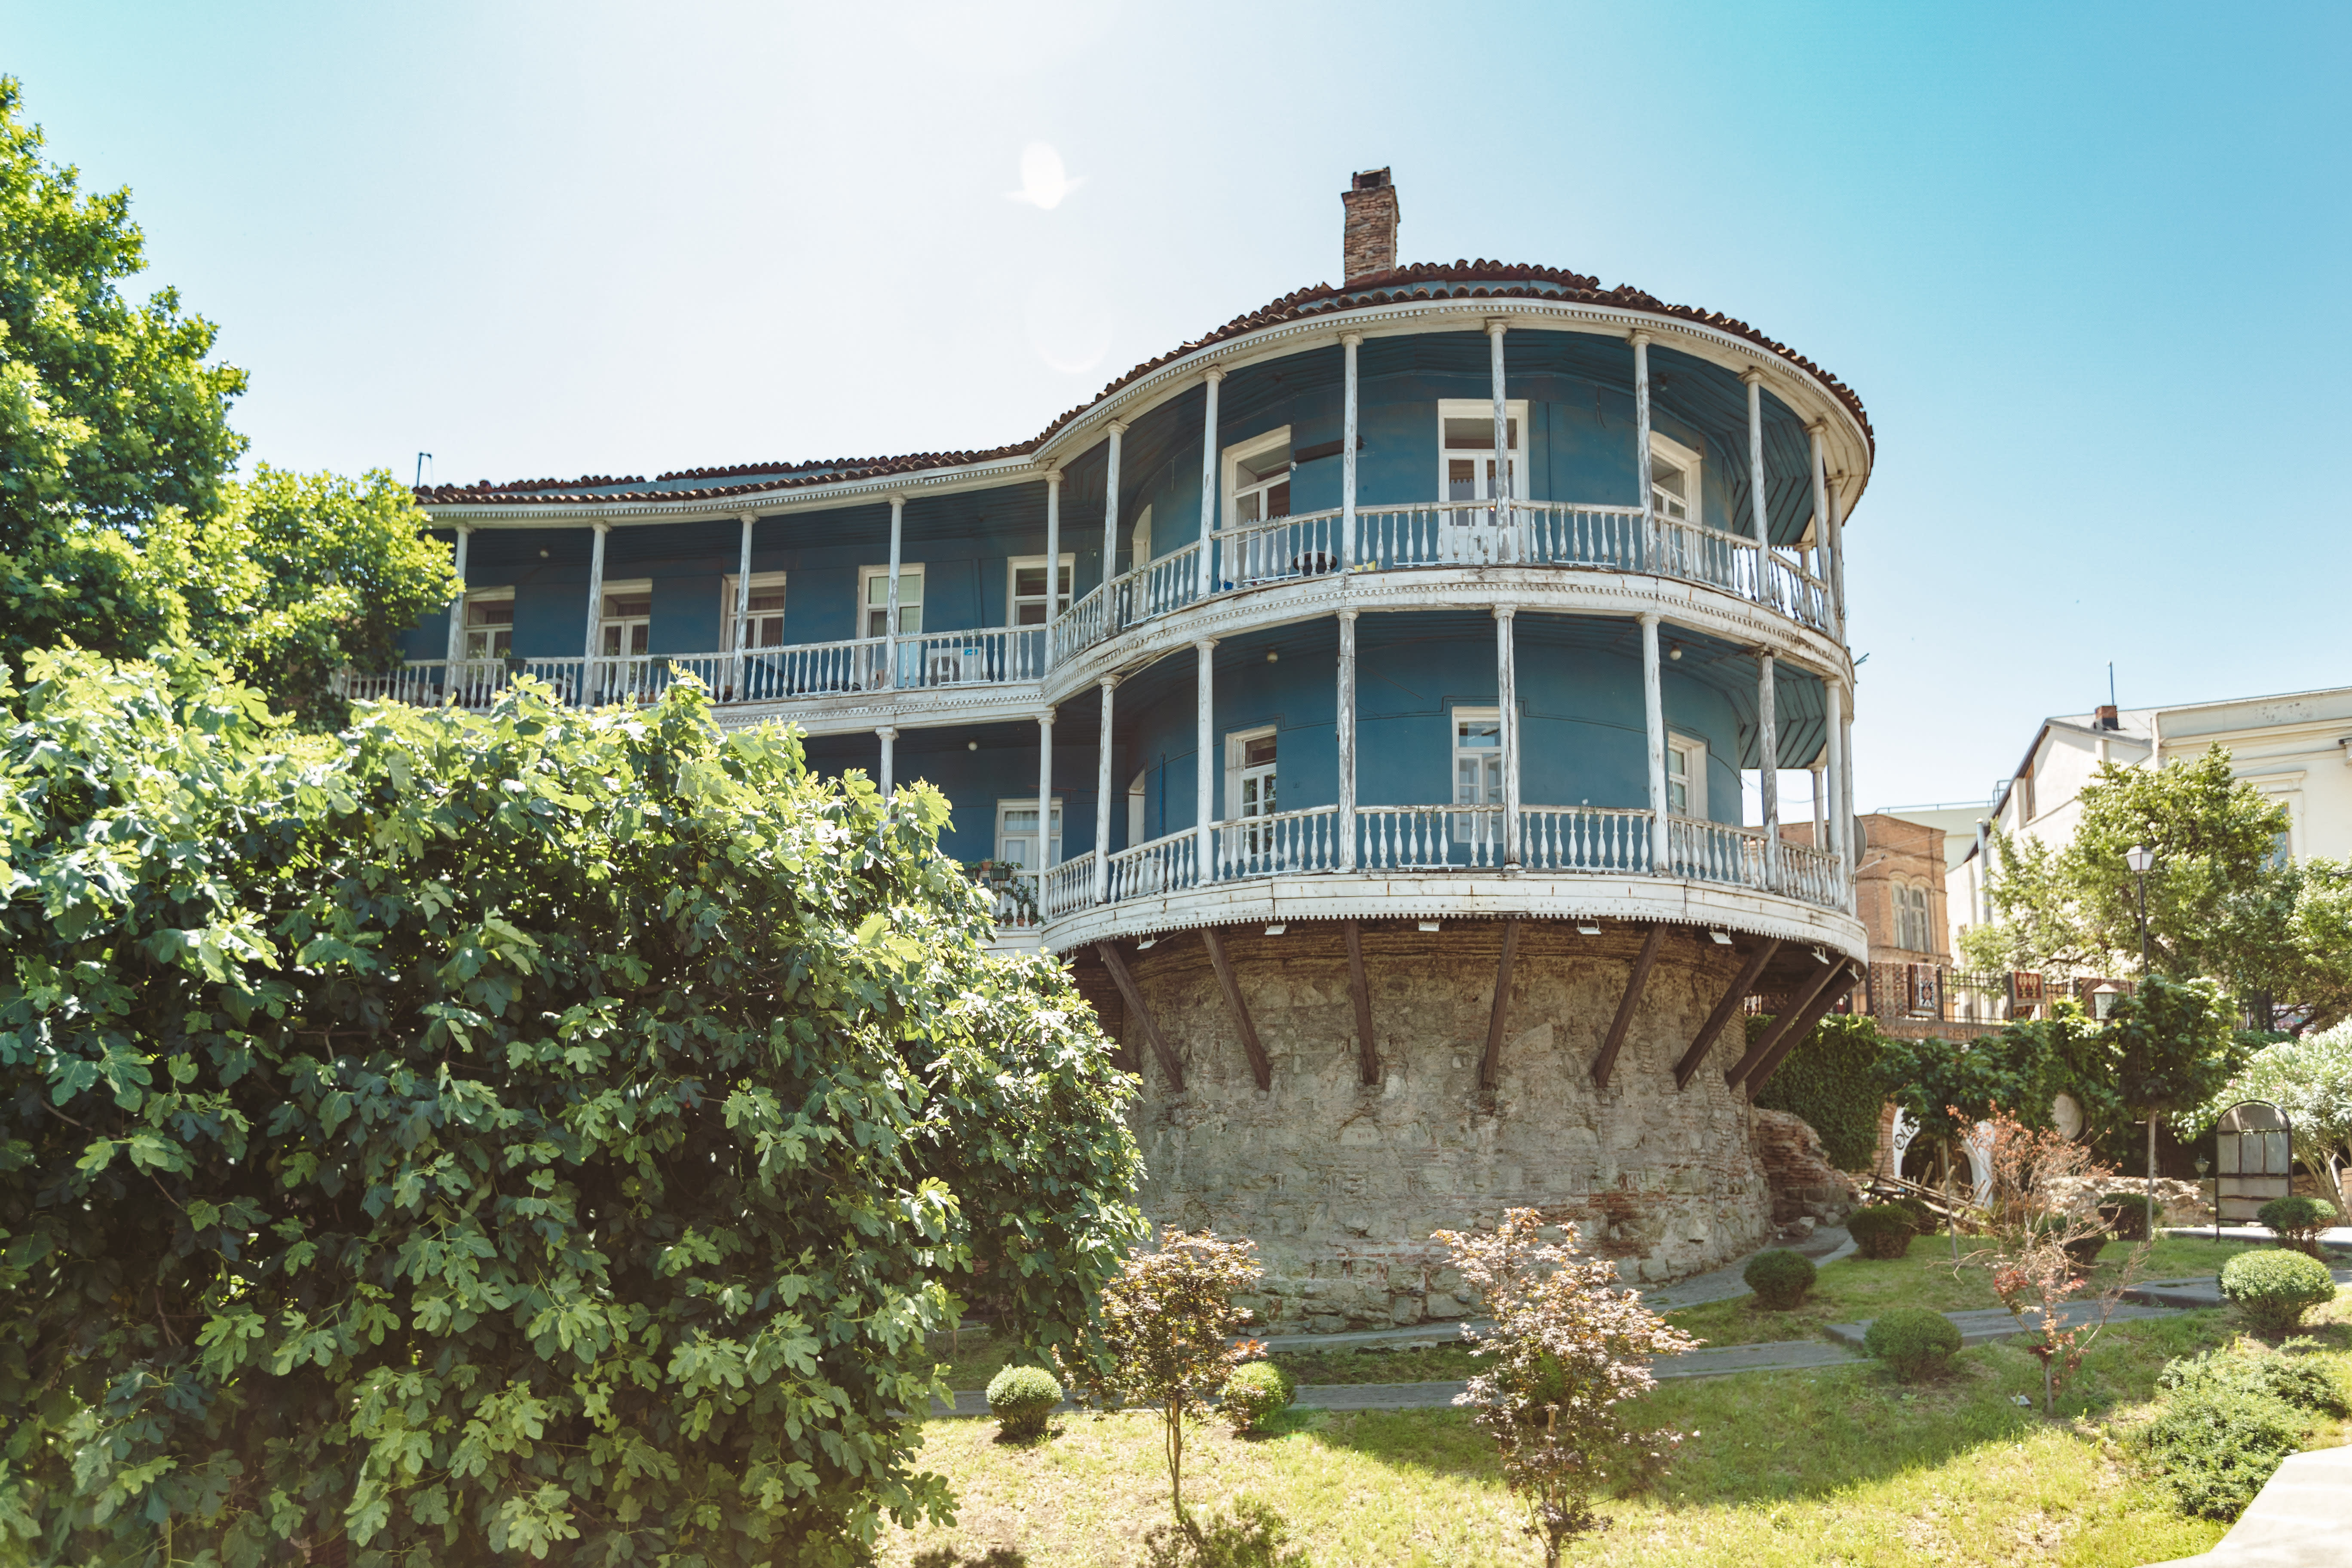 HOSTEL - Pirosmani Hostel